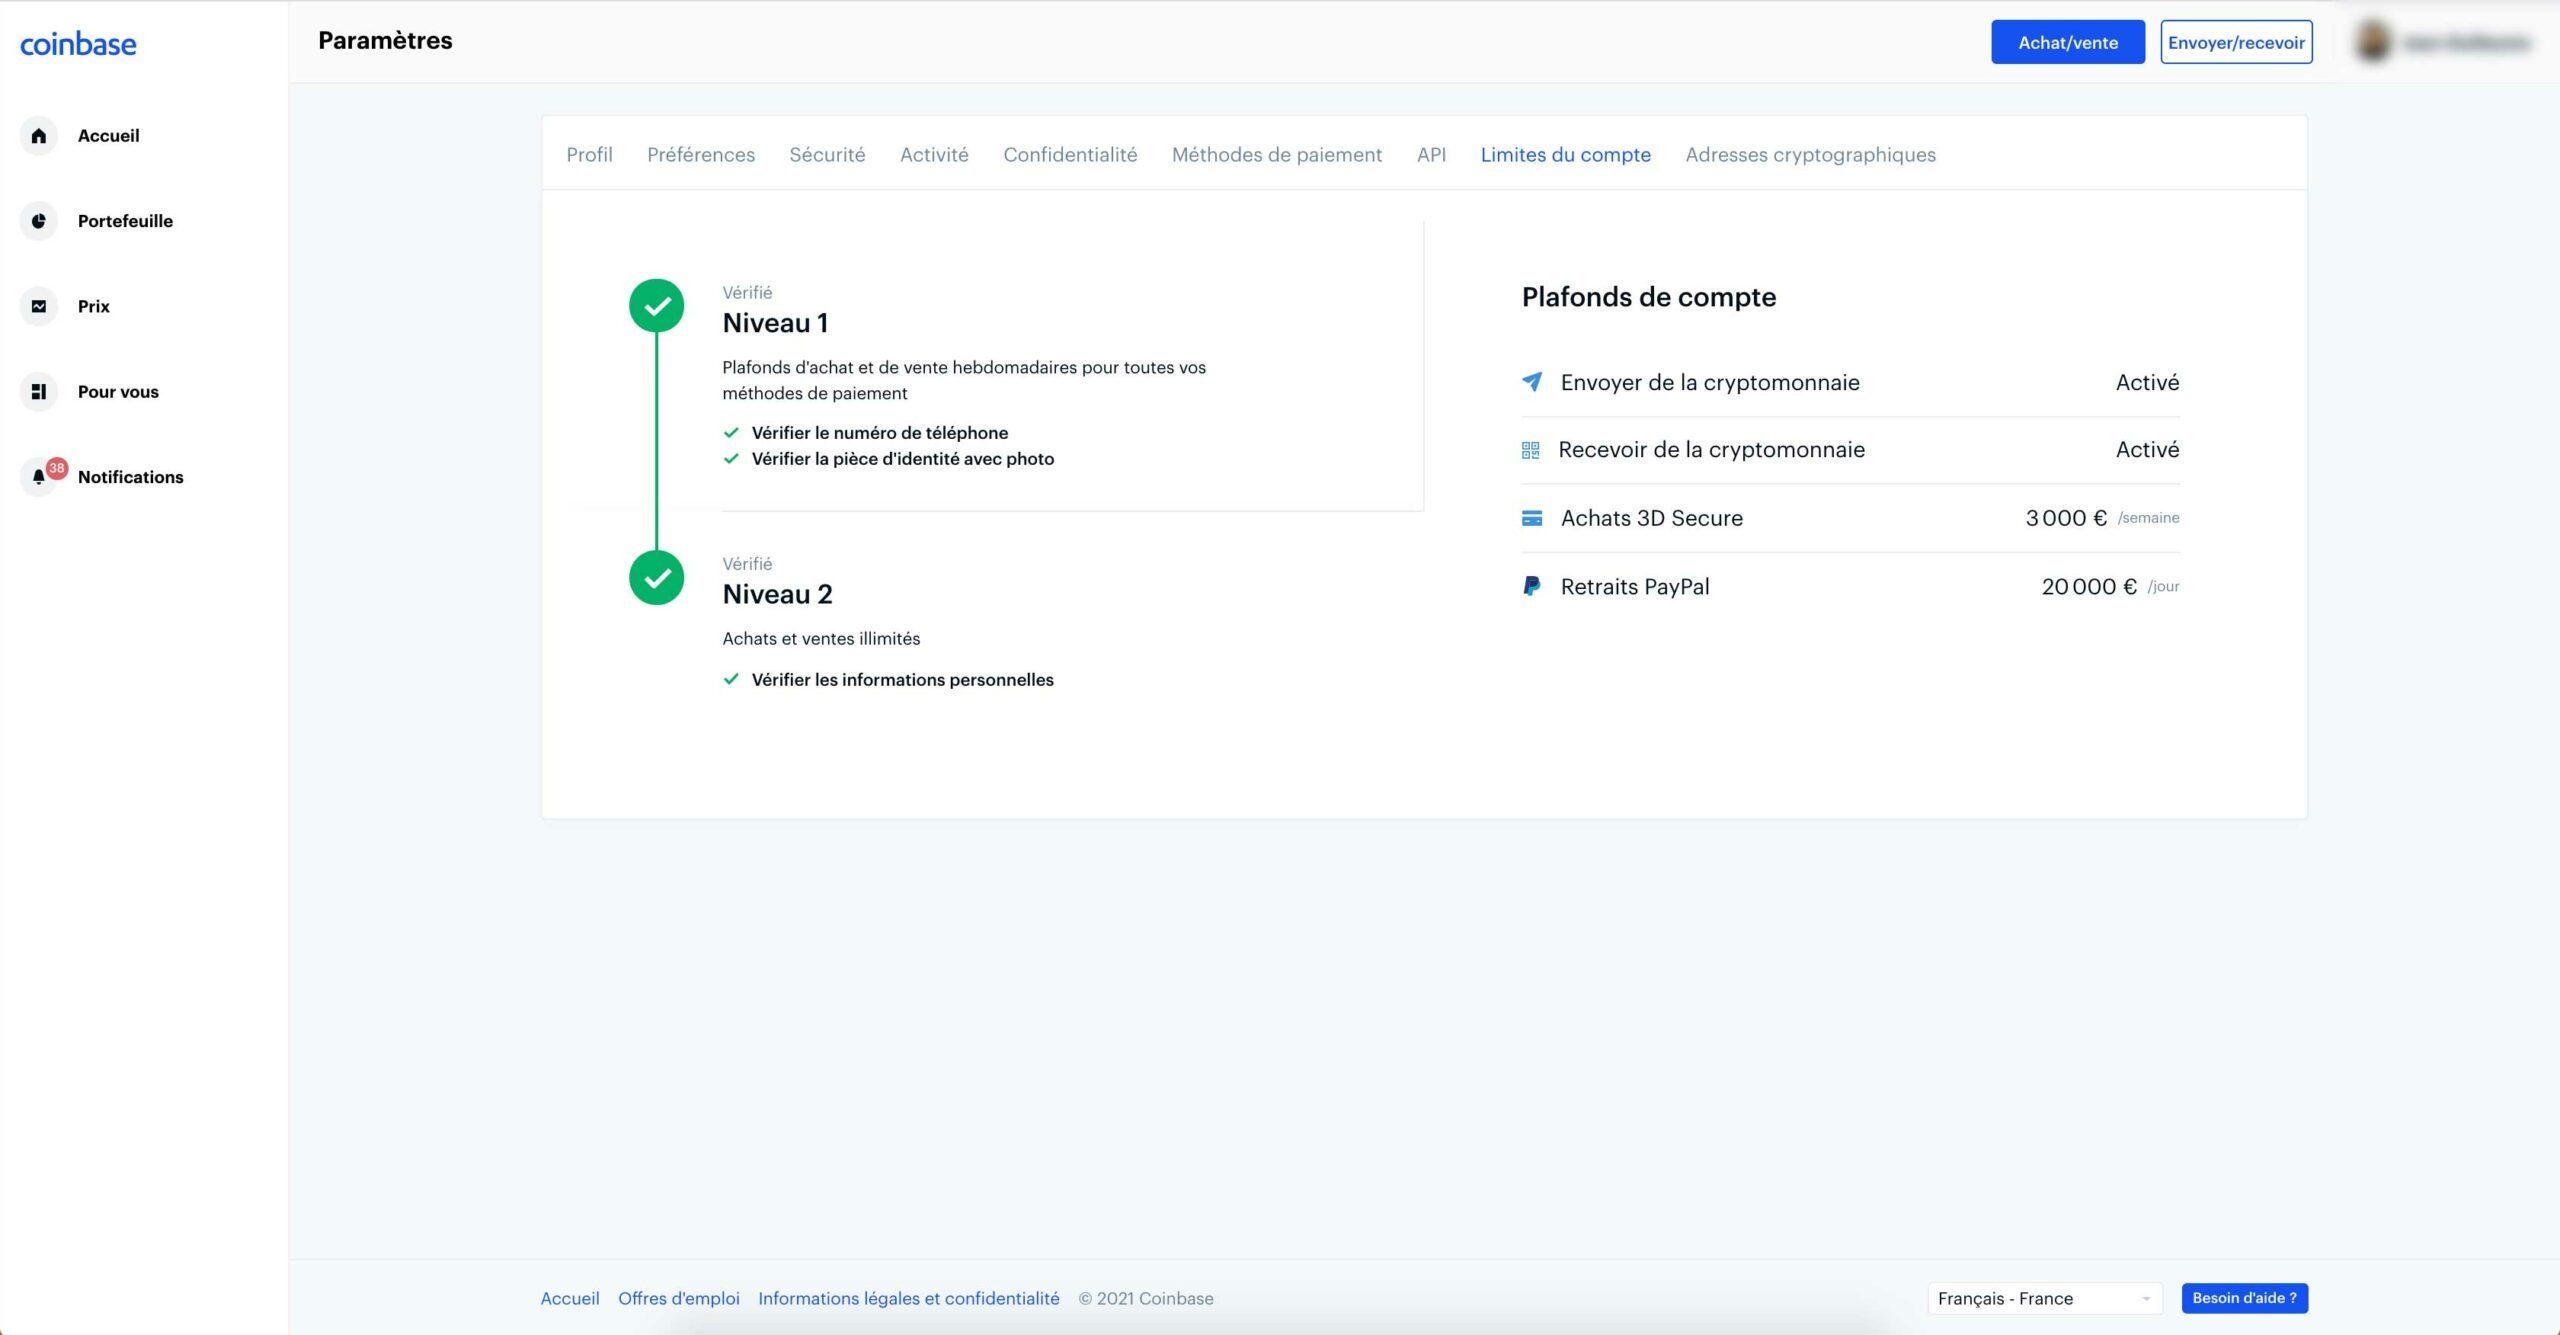 Vérification d'identité Coinbase